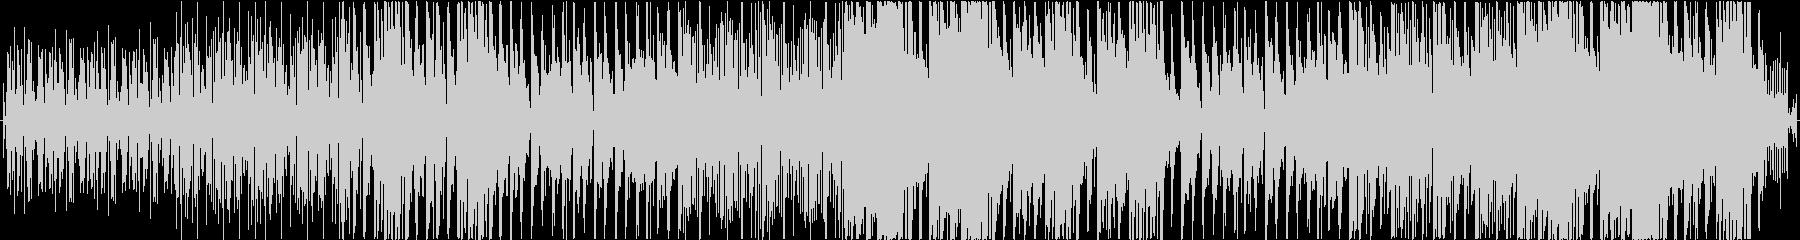 3拍子ニューエイジ系 穏やかの未再生の波形